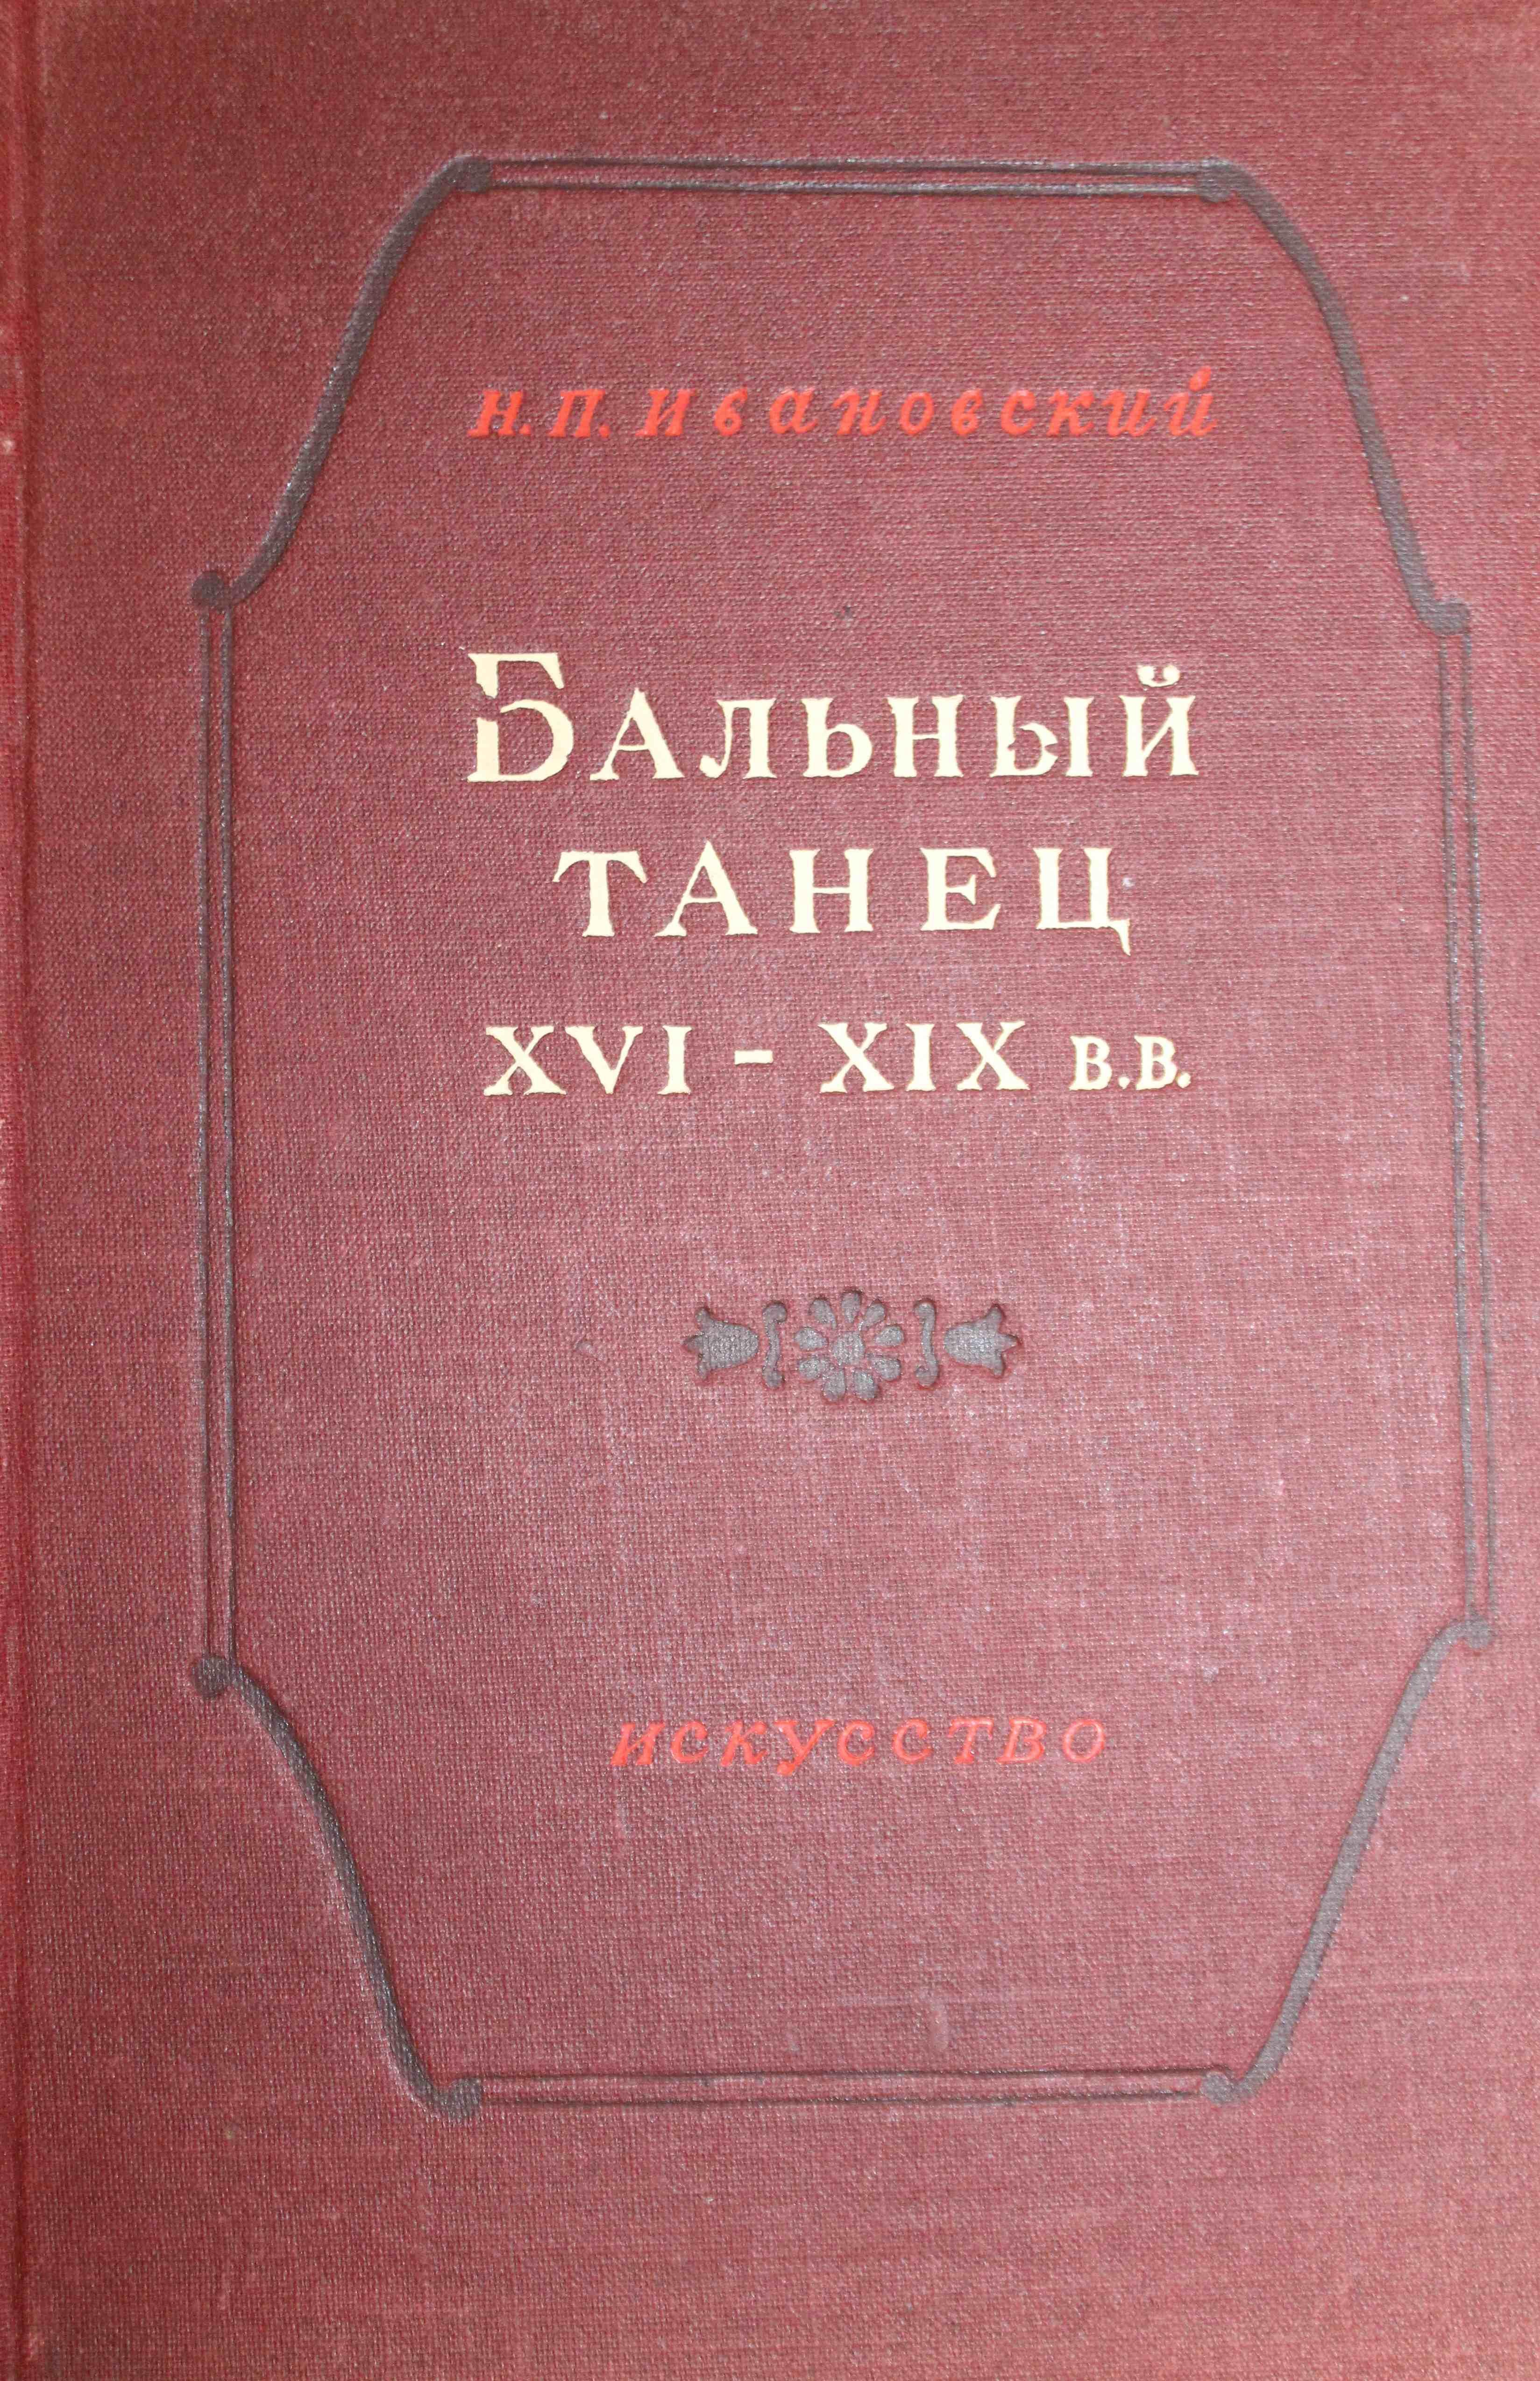 IVANOVSKIJ 1 (1)